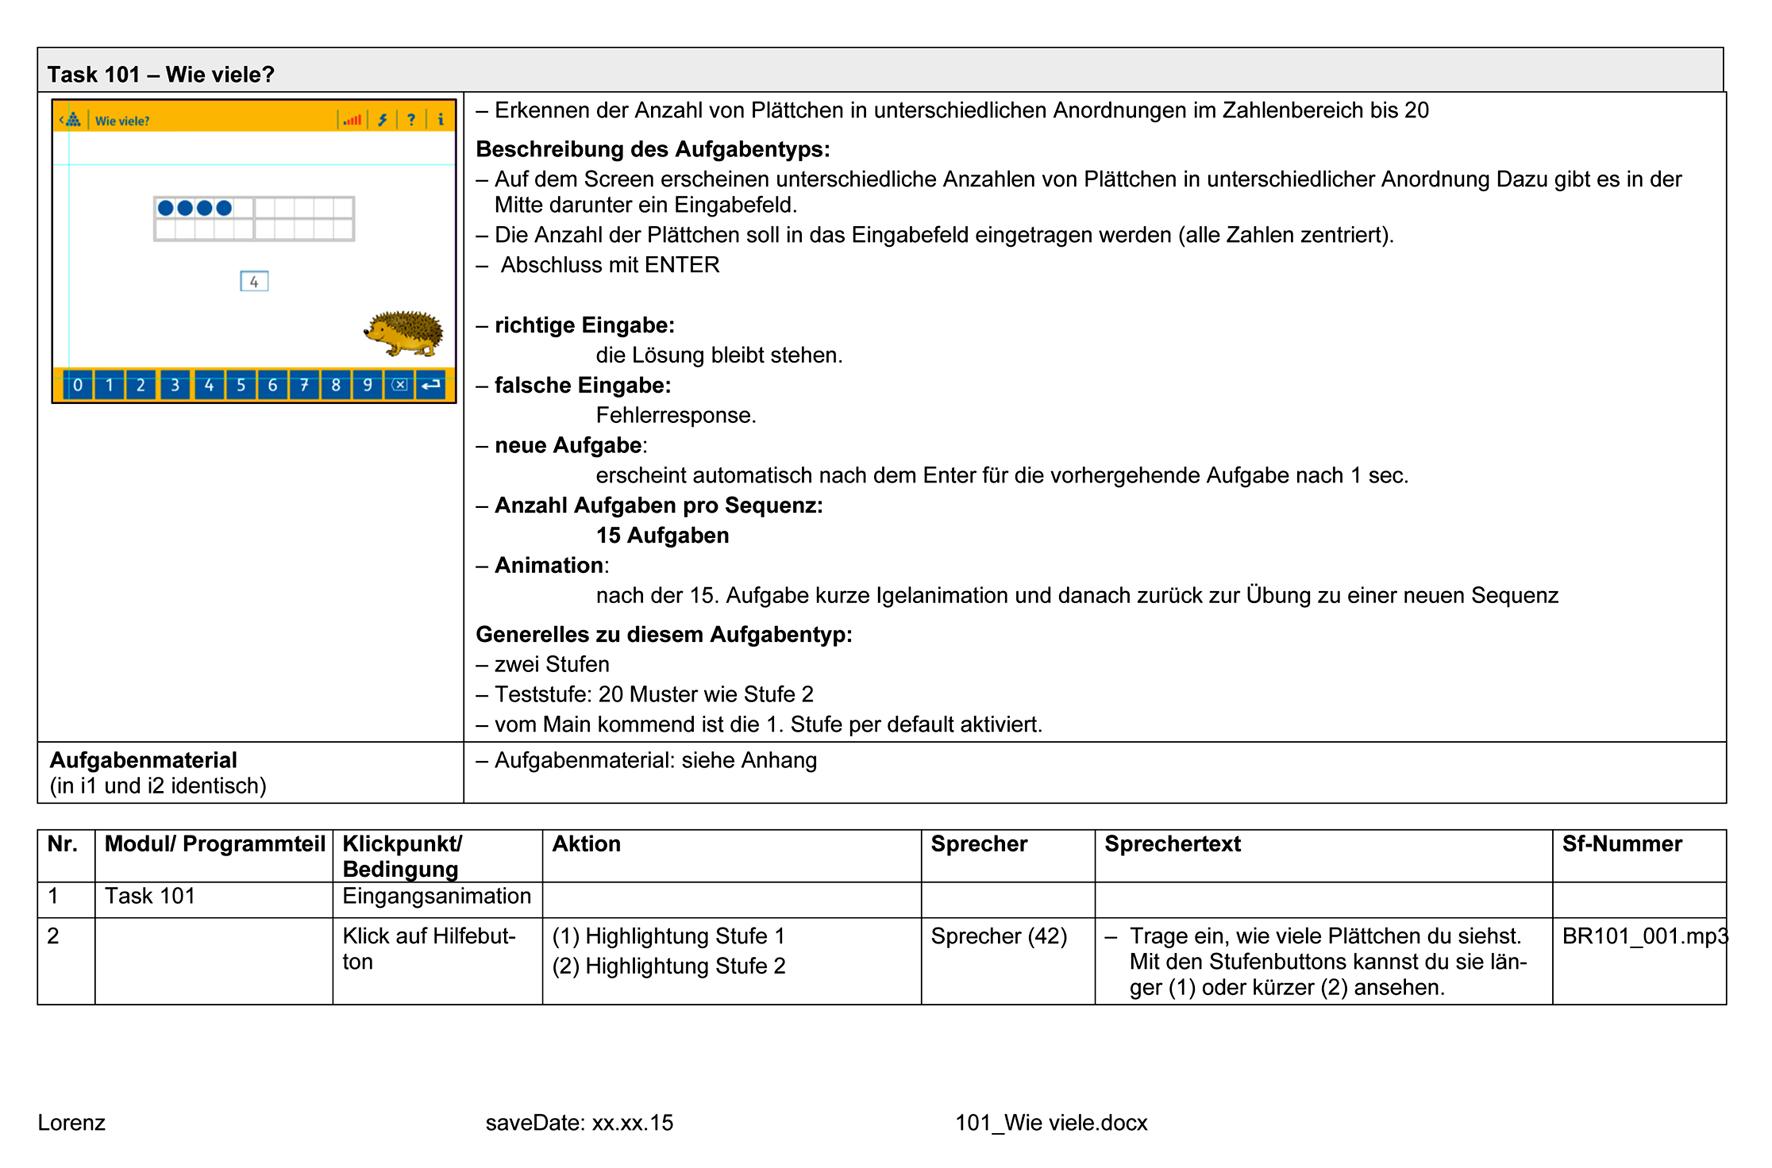 Tolle Vorschlag Vorlage Für Word Fotos - FORTSETZUNG ARBEITSBLATT ...